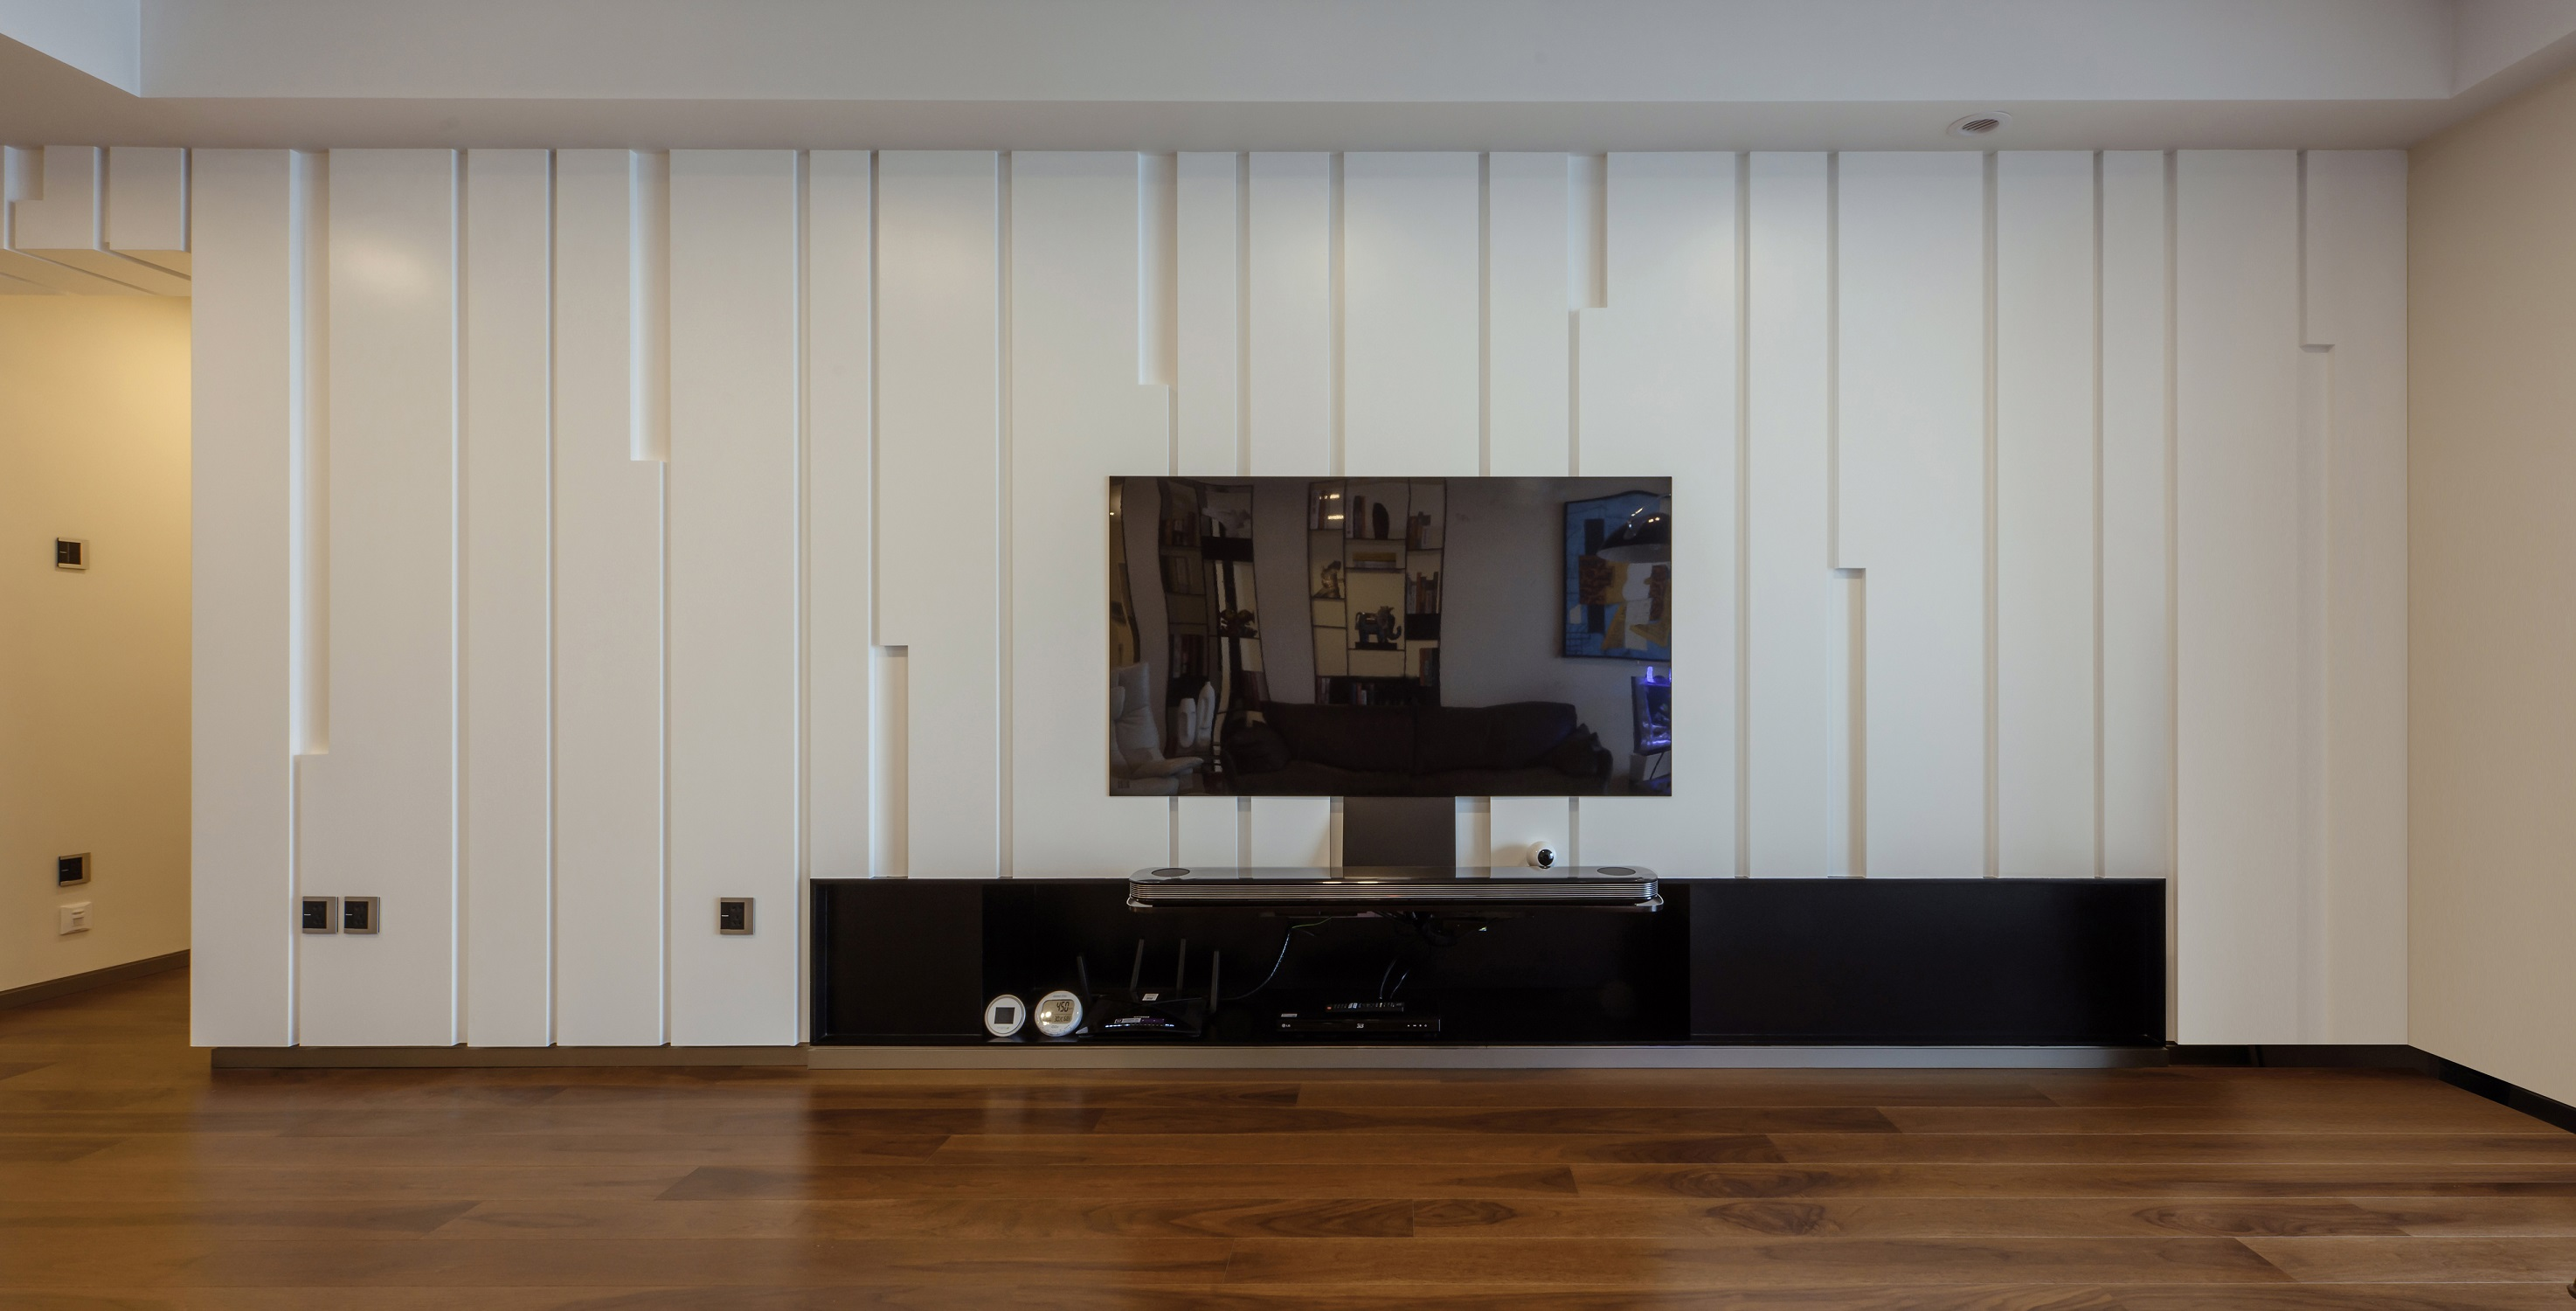 200㎡简约风设计电视背景墙图片